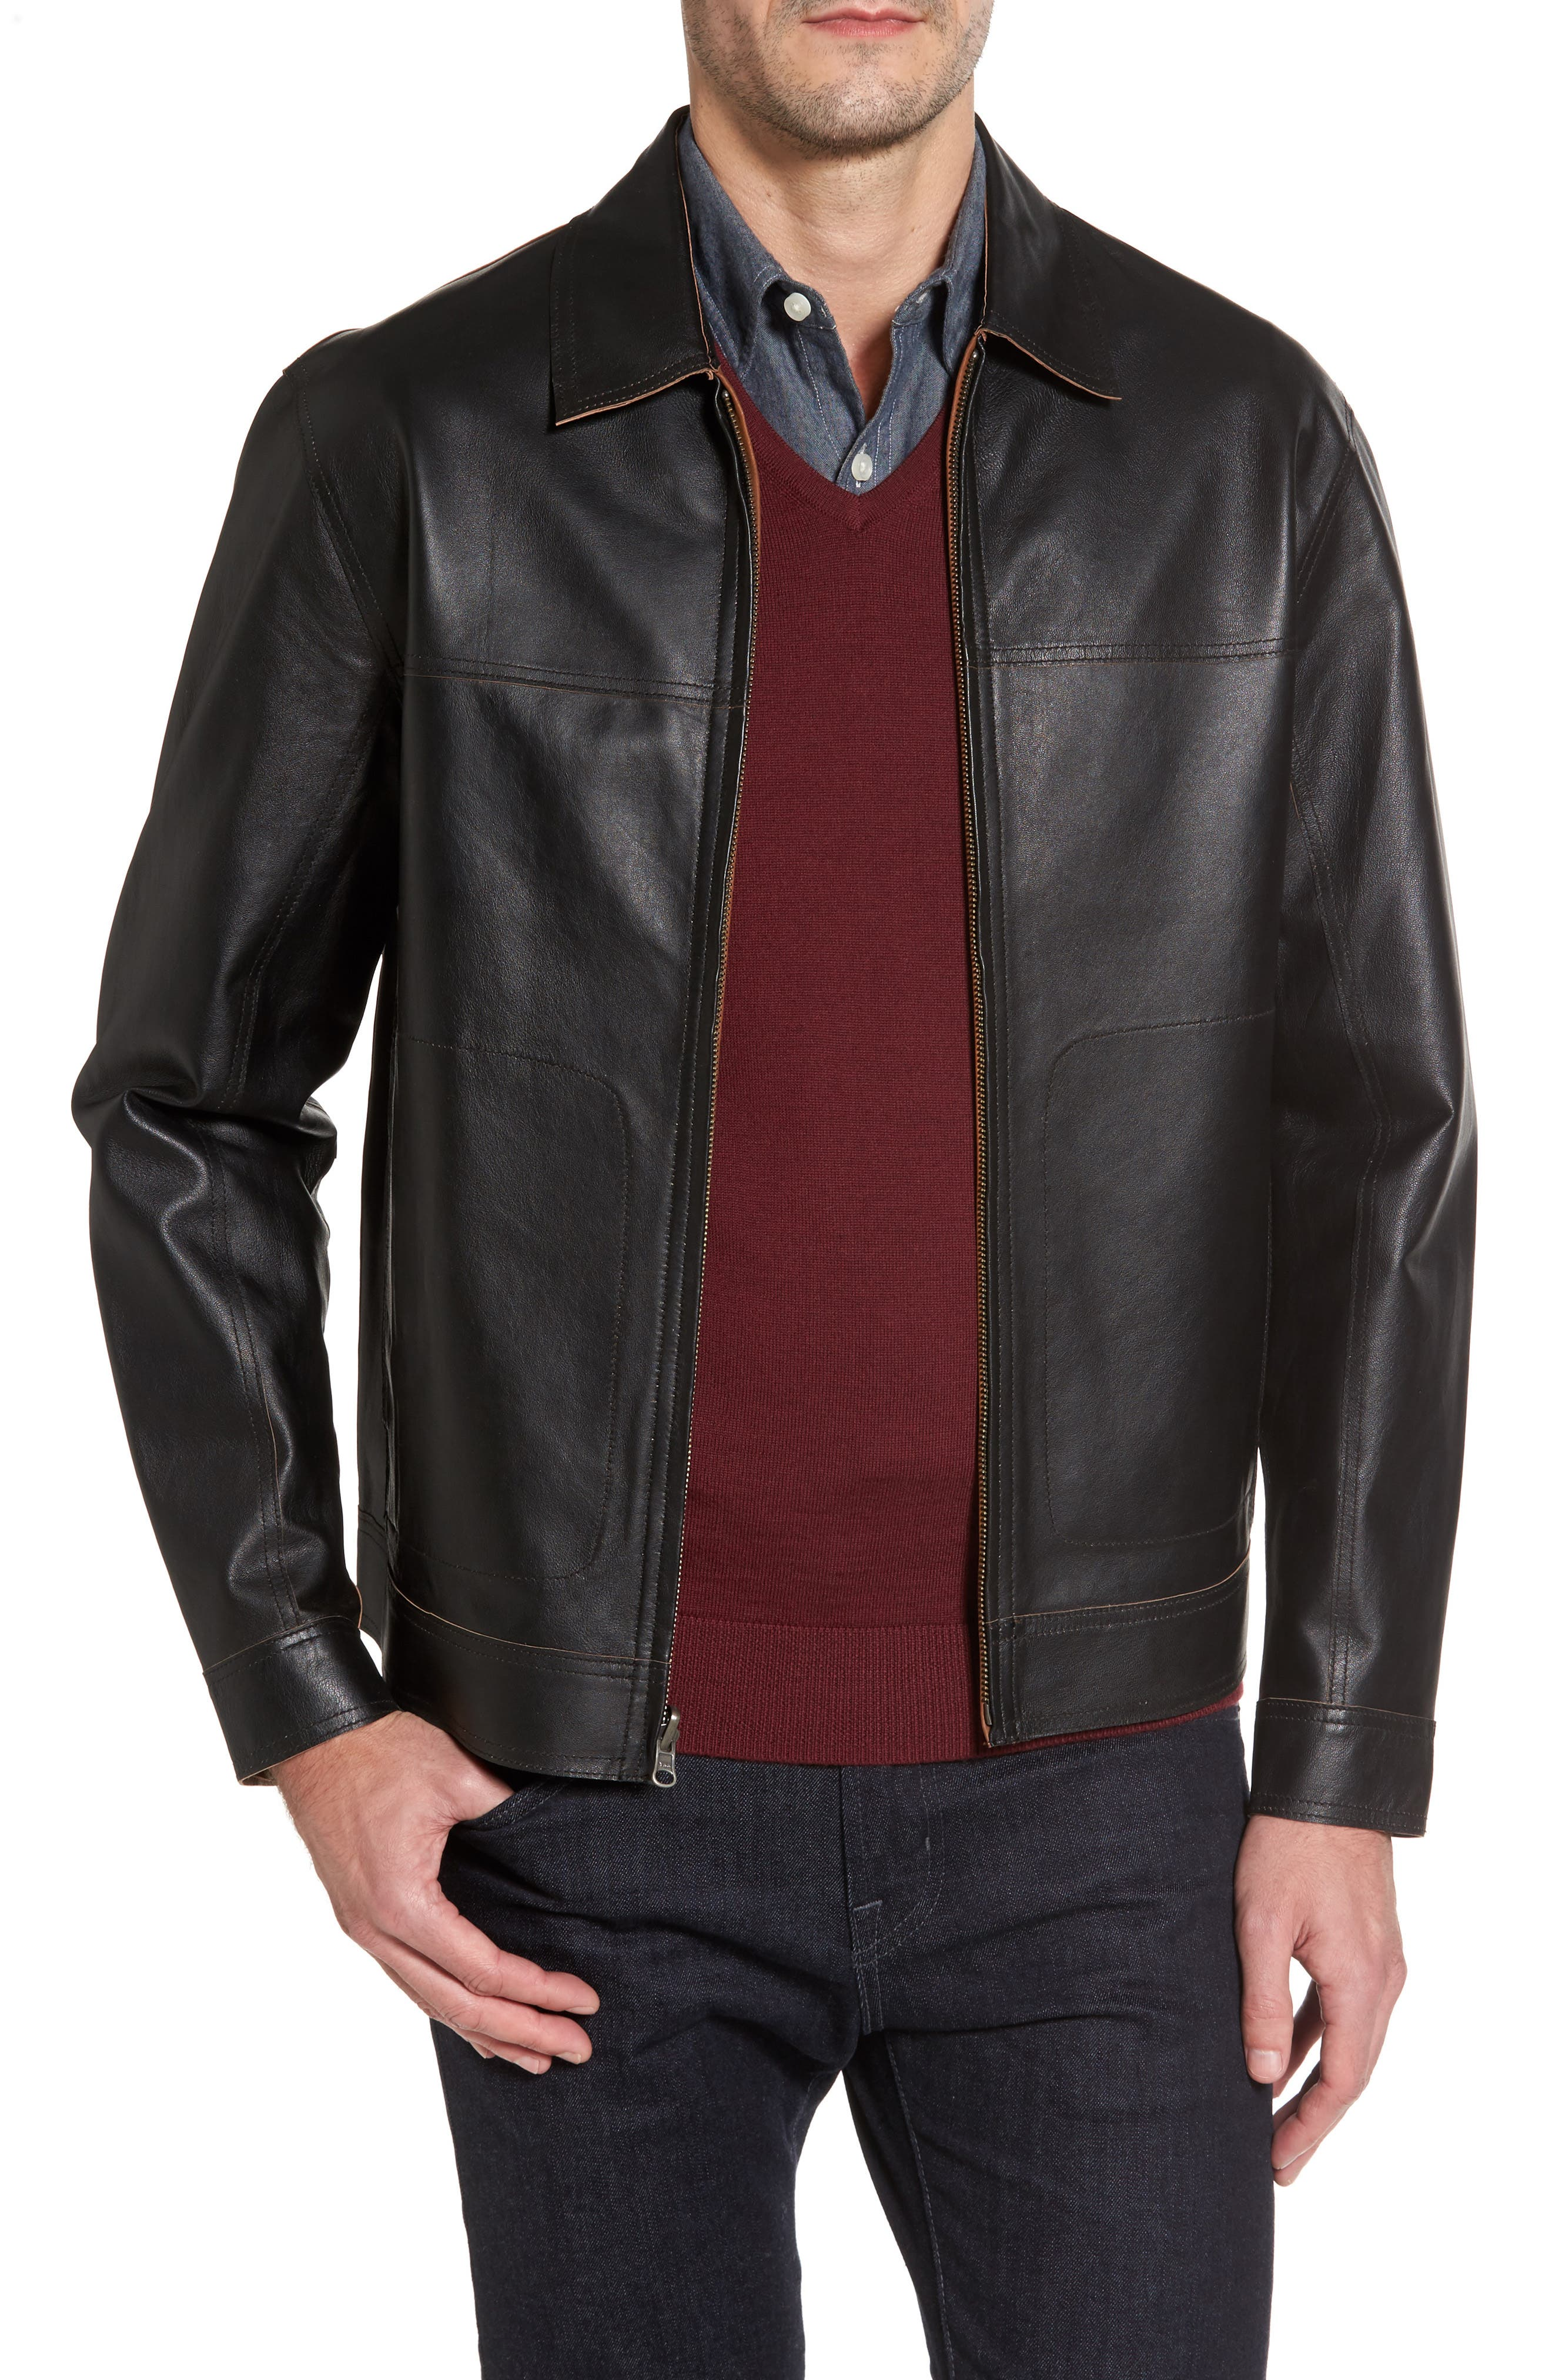 Missani Le Collezioni Reversible Leather Jacket